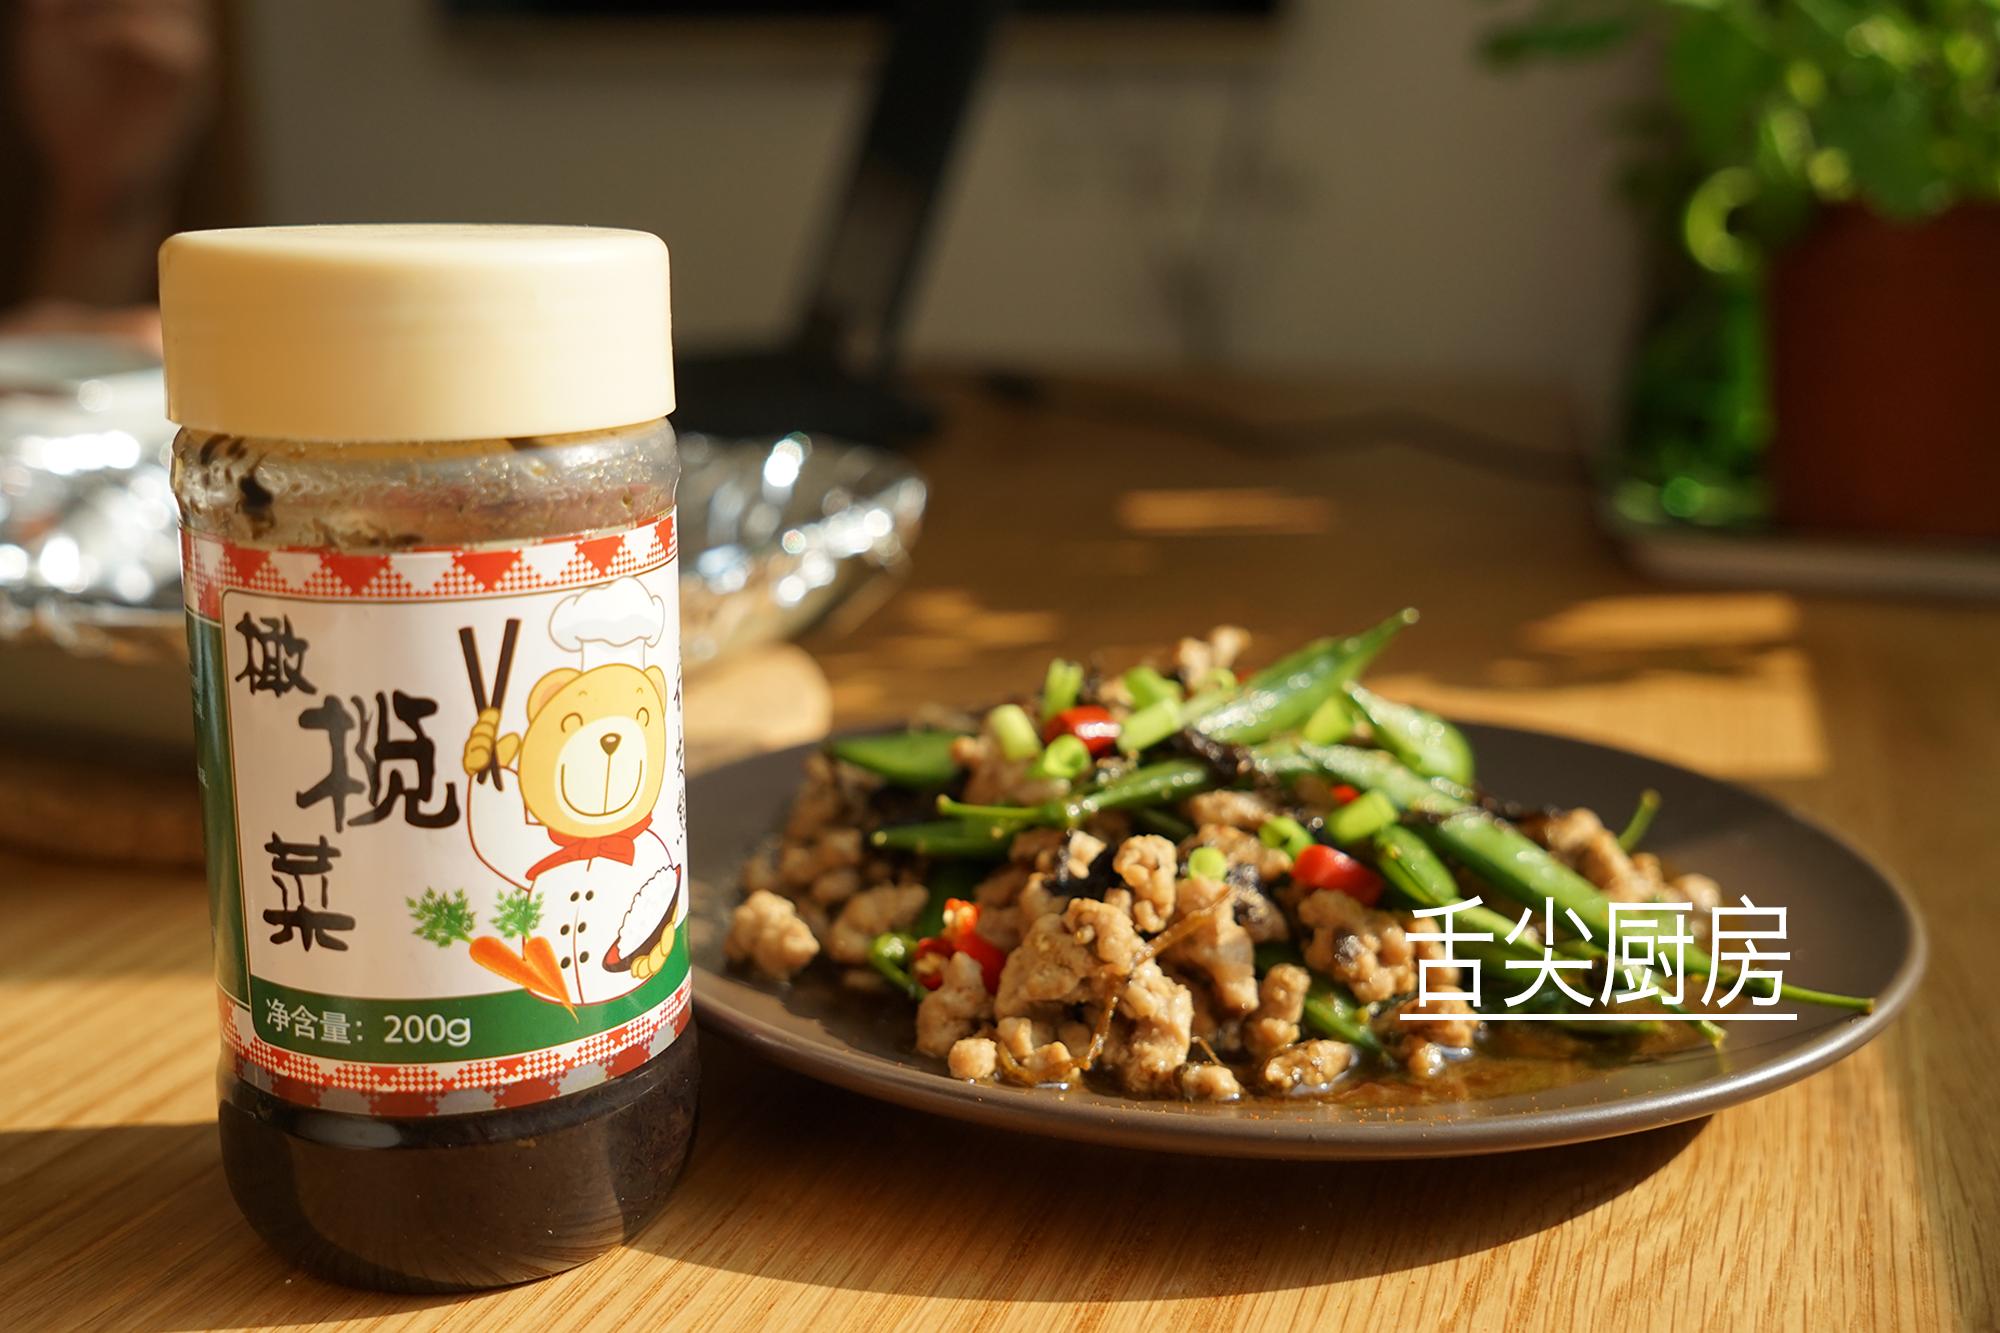 橄榄菜肉沫炒扁豆